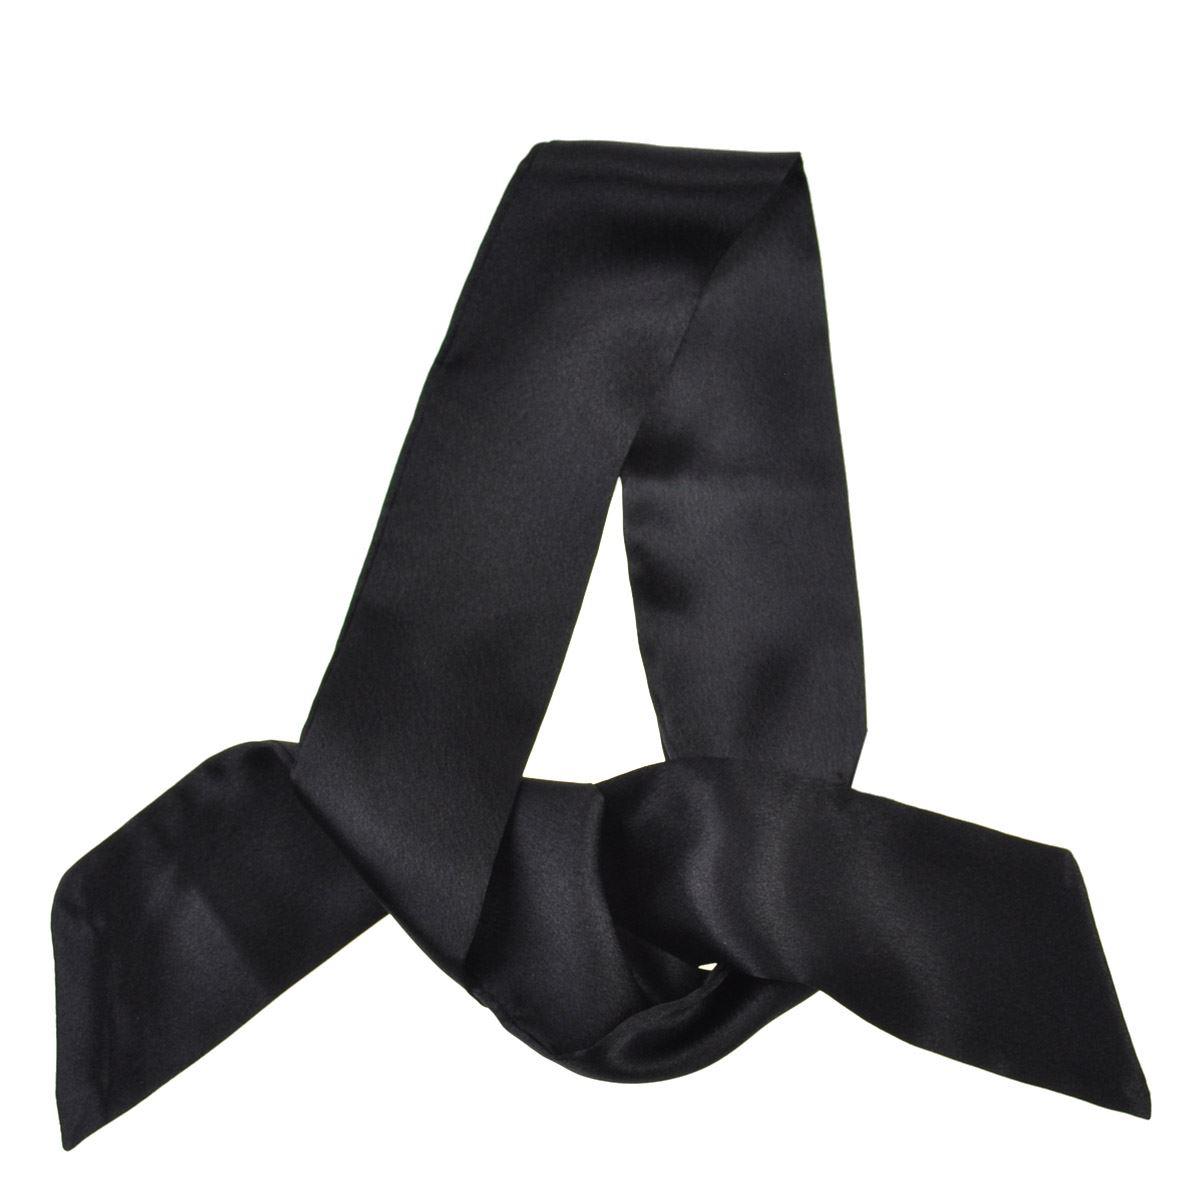 Hohe Qualität Halstücher Damen Retro Silky 50s Sash Twilly Einfarbiger Schal